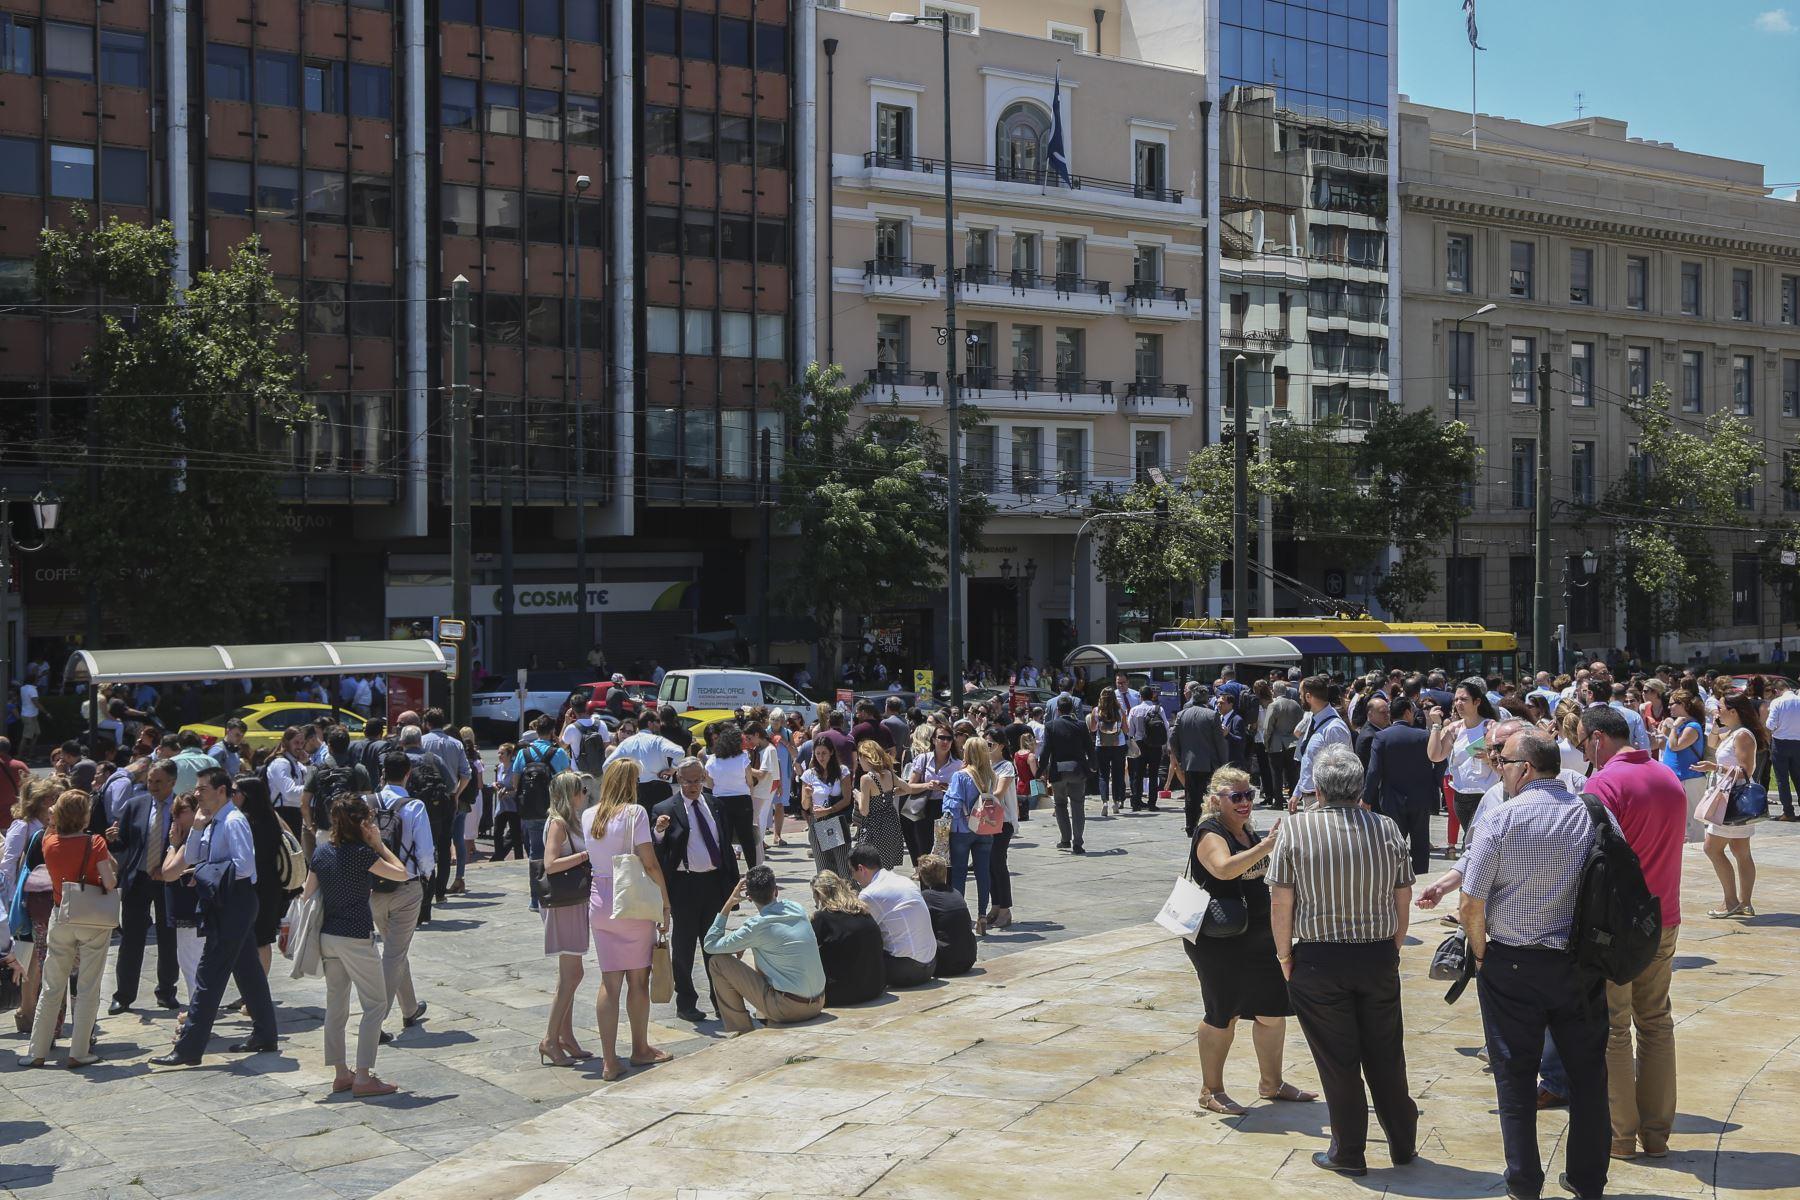 Un terremoto de magnitud 5,1 en la escala de Richter sacudió este mediodía la capital de Grecia. Foto: AFP